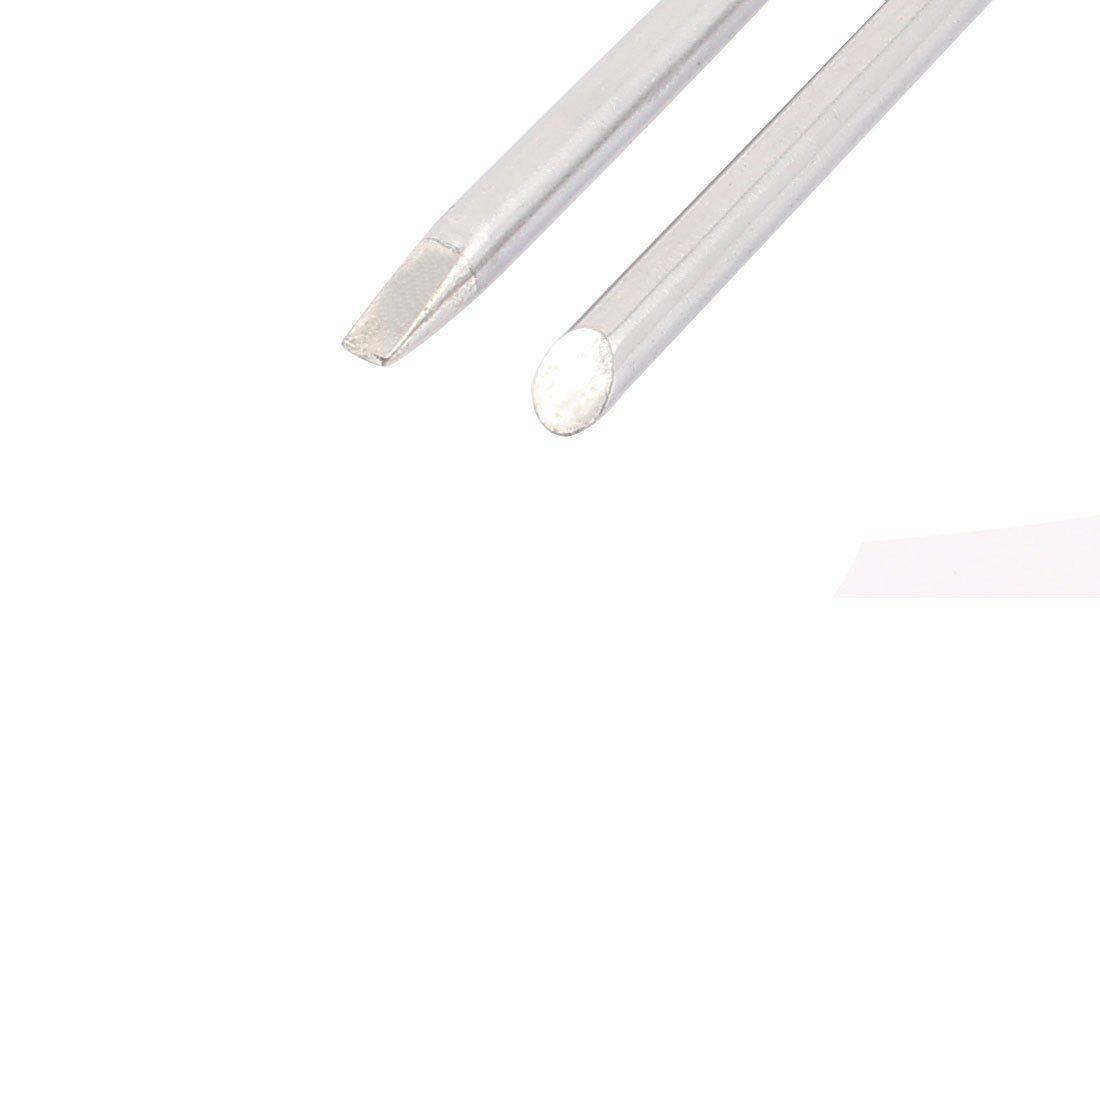 10 piezas de 40W Bevel w Cincel de soldadura Destornillador punta de hierro de 65 x 4.7mm - - Amazon.com